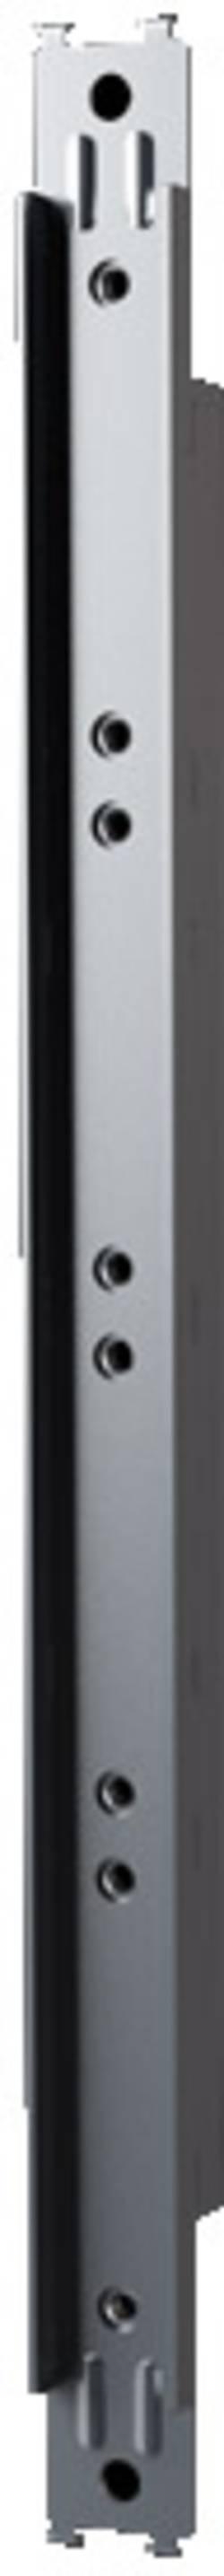 Système de fixation Rittal 9674.162 acier inoxydable 2 pc(s)